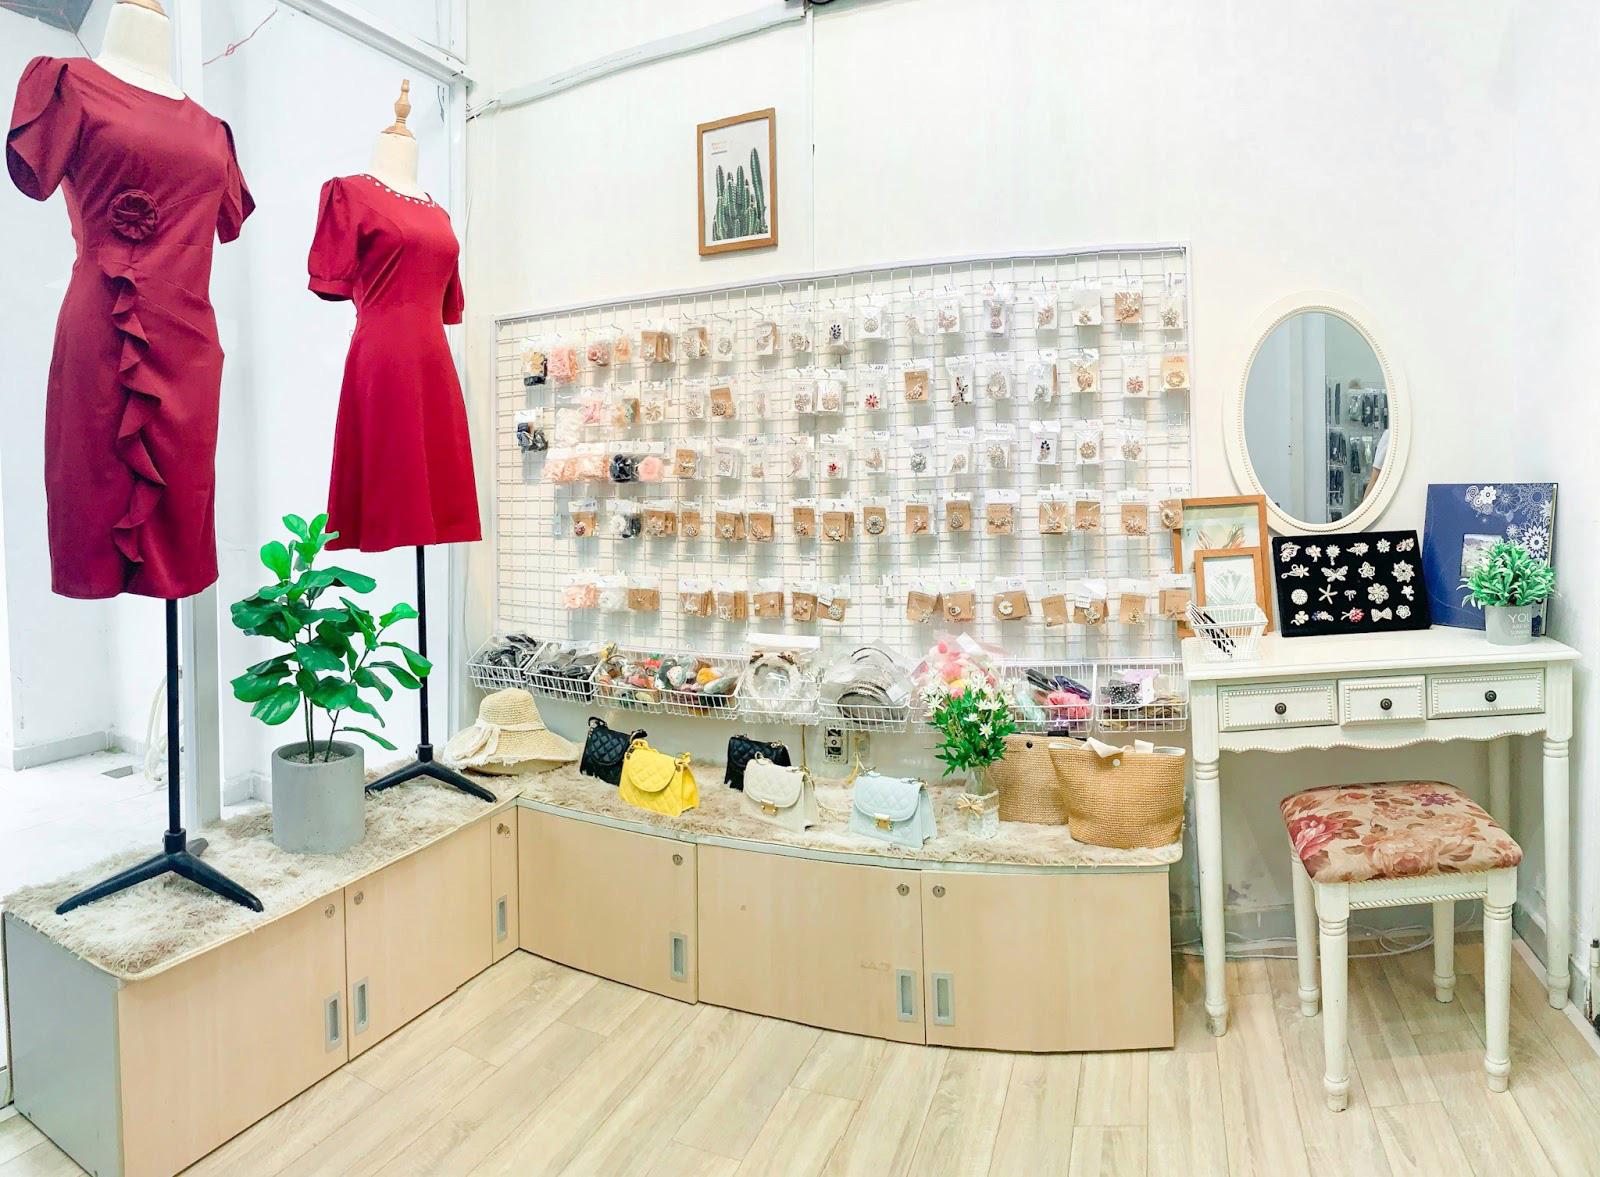 Sắm ngay váy áo ngọt ngào diện thu đông ở Nhật Vy Boutique - Ảnh 2.